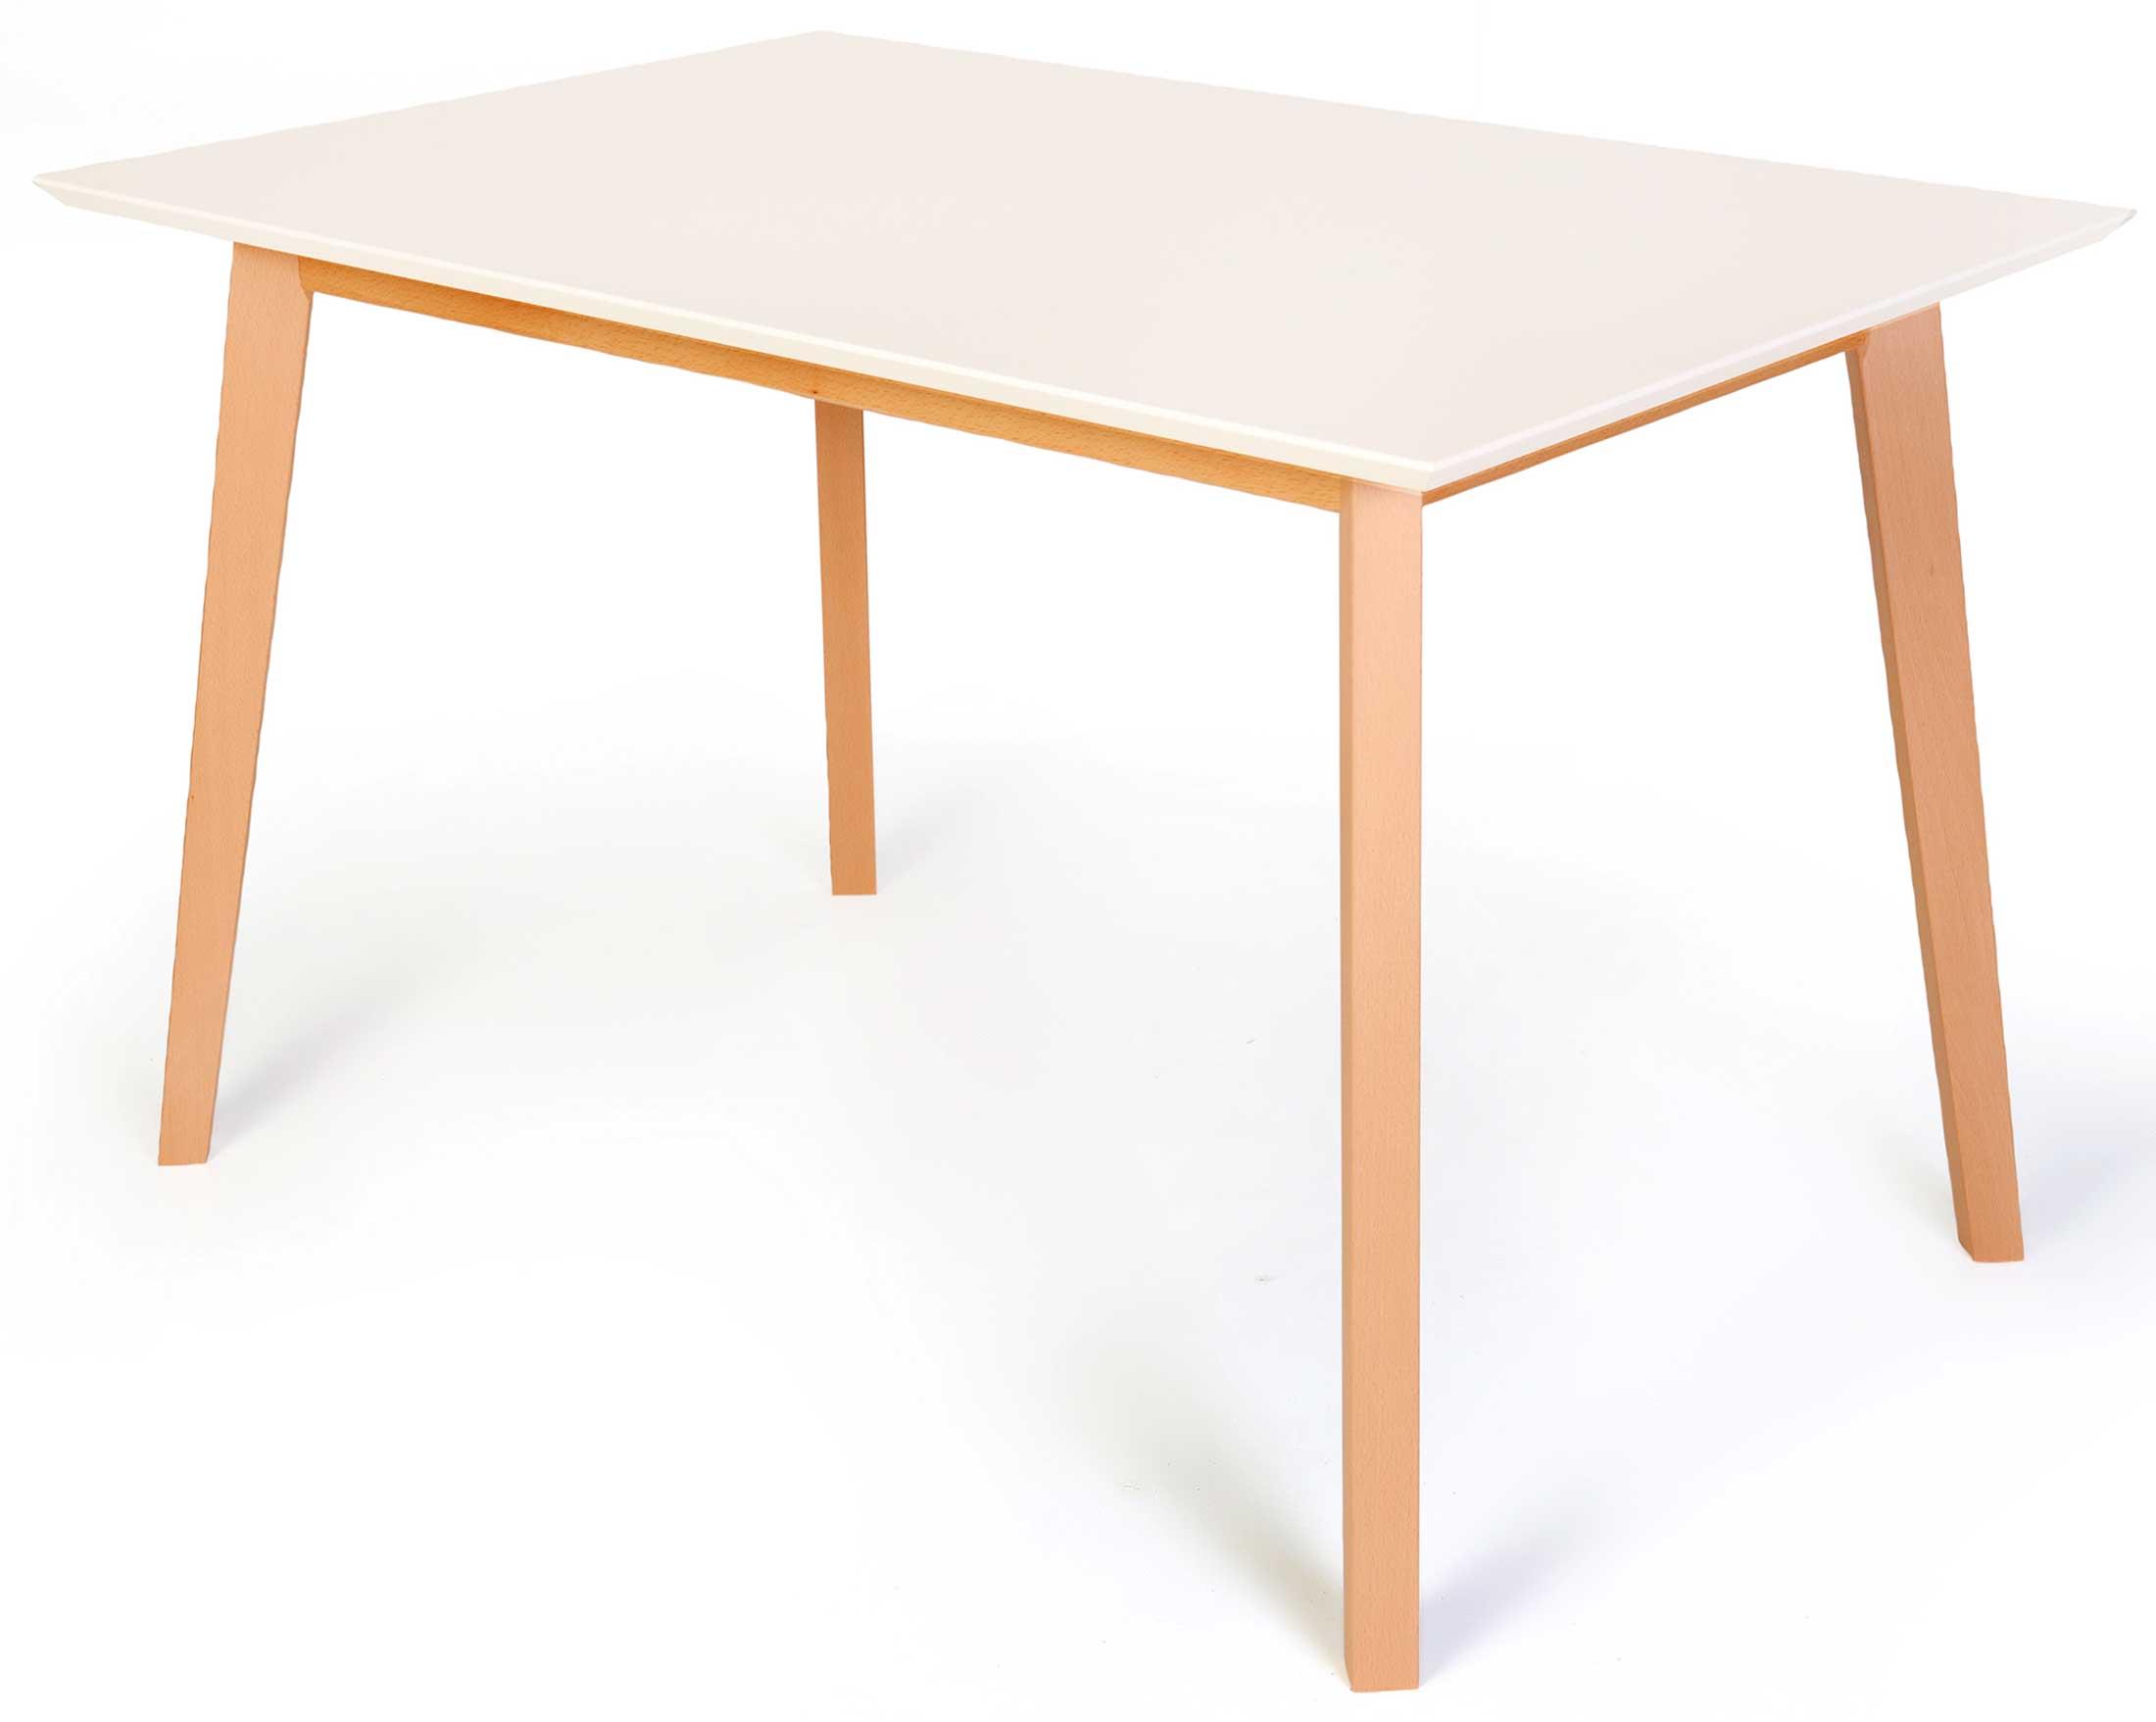 Standard Furniture Vinko Esstisch Massivholz Ausziehbar Mobelmeile24